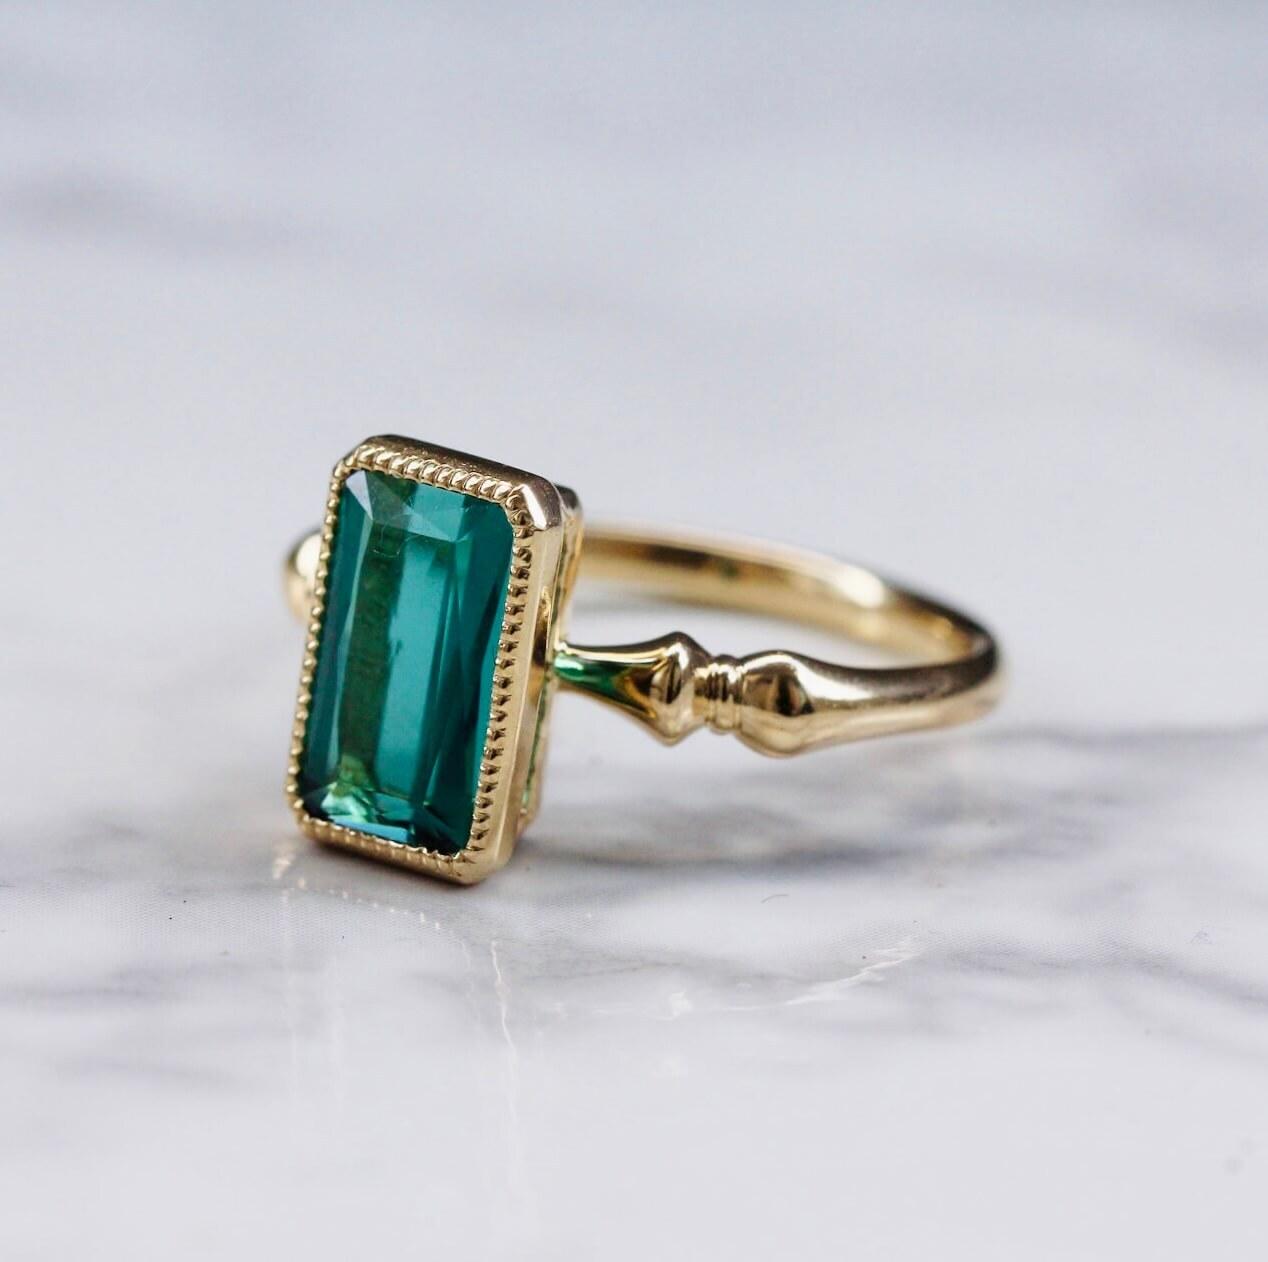 Green tourmaline ring /K18YG